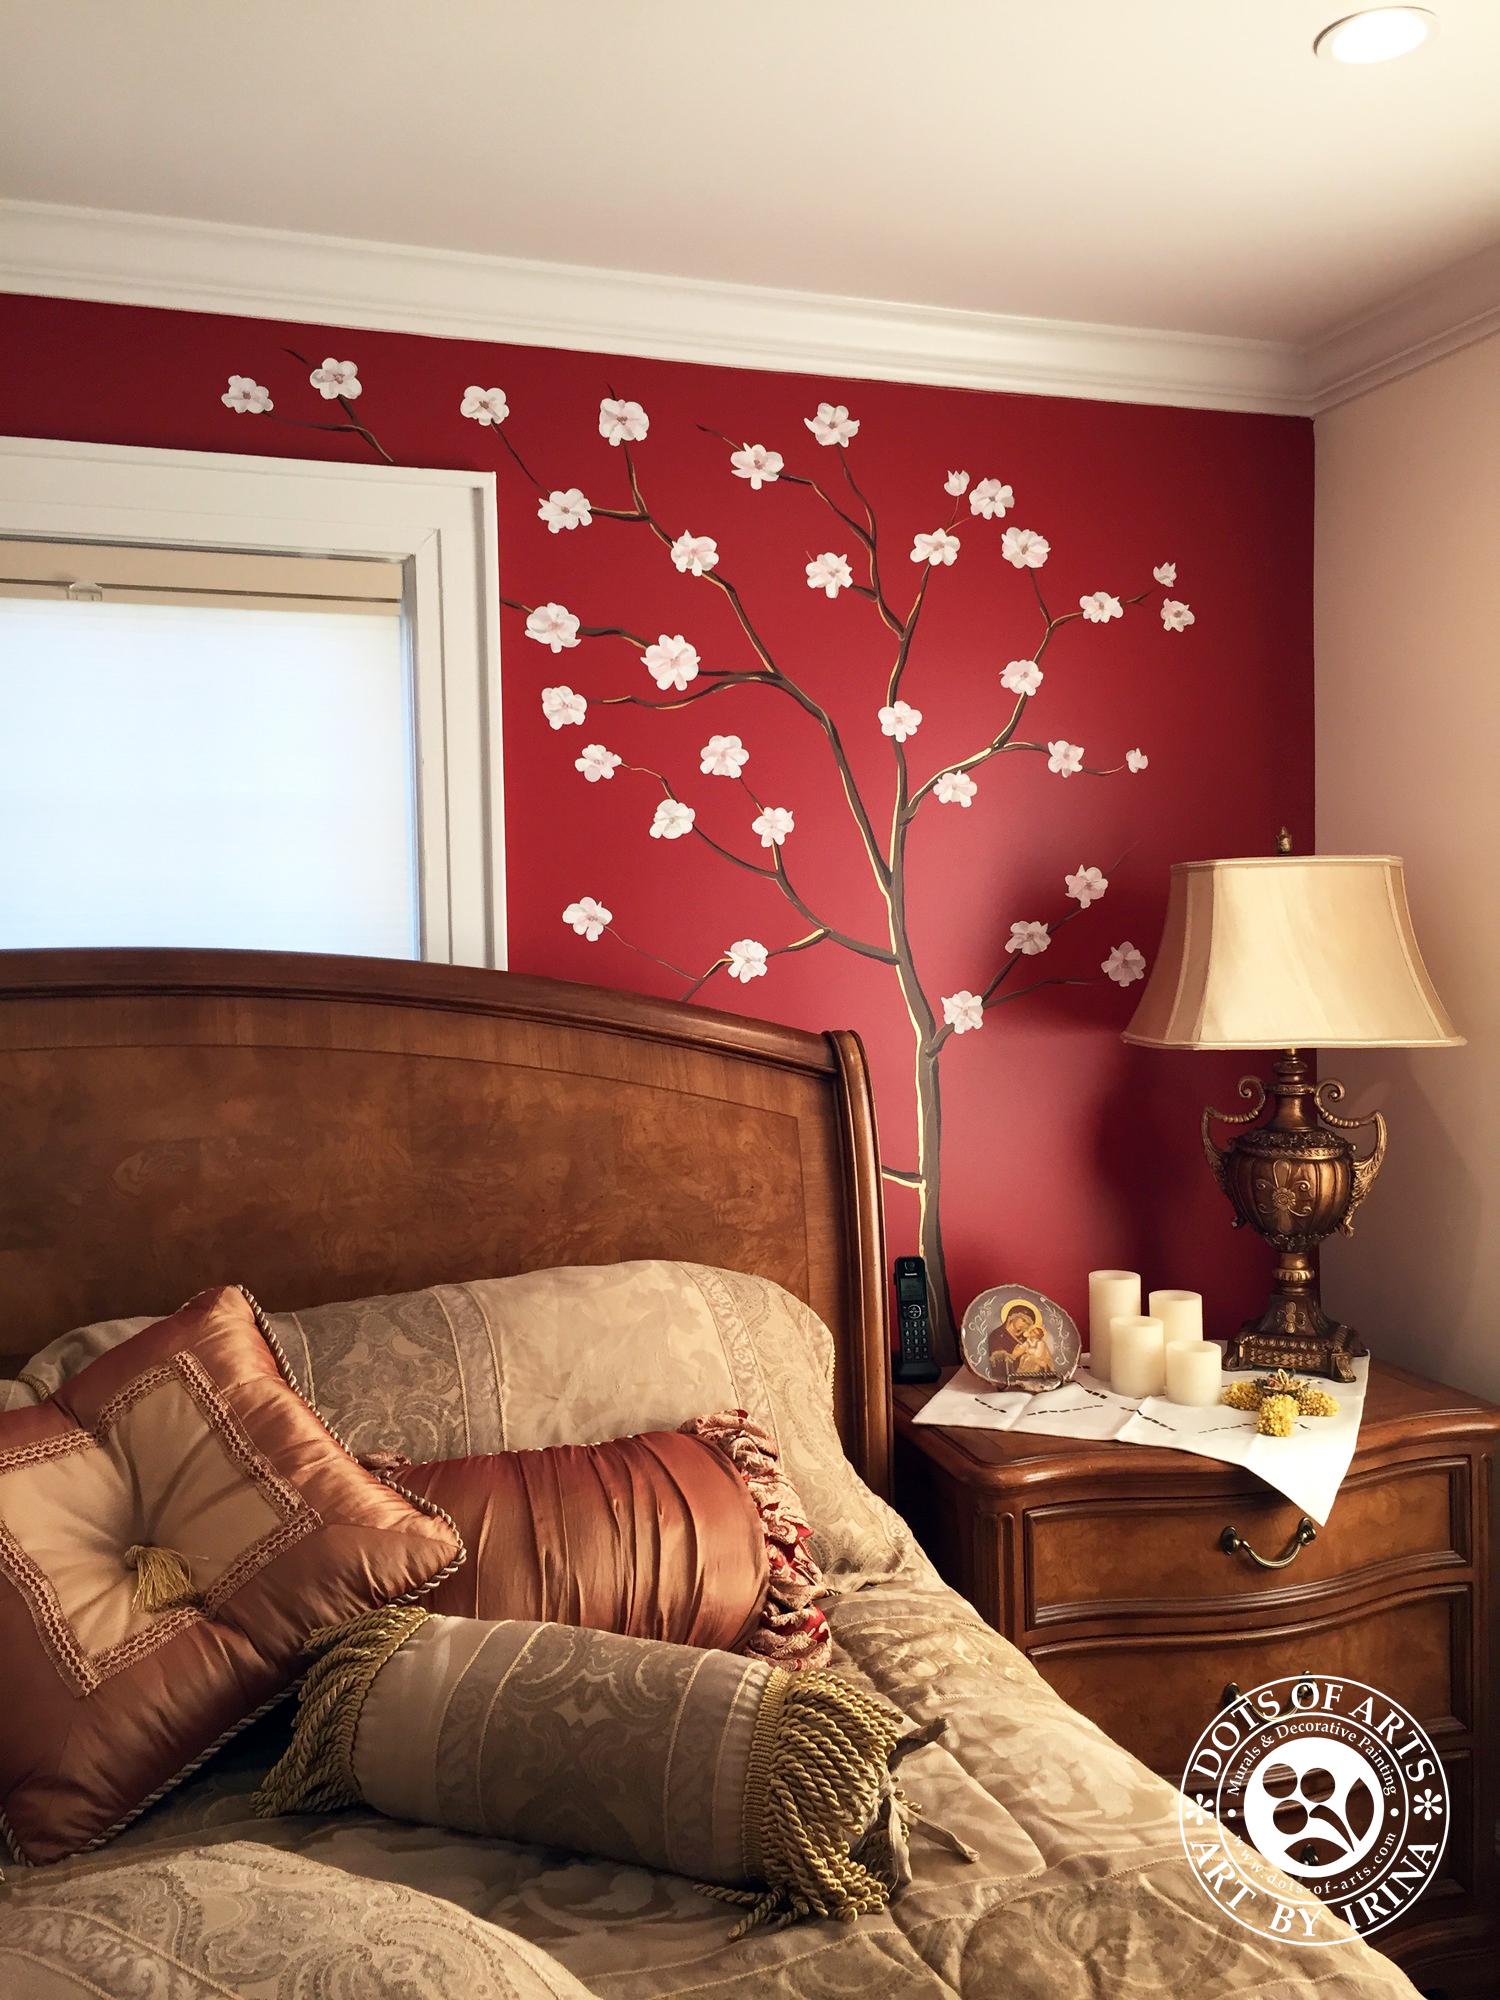 bedroom-mural-right-wall.jpg